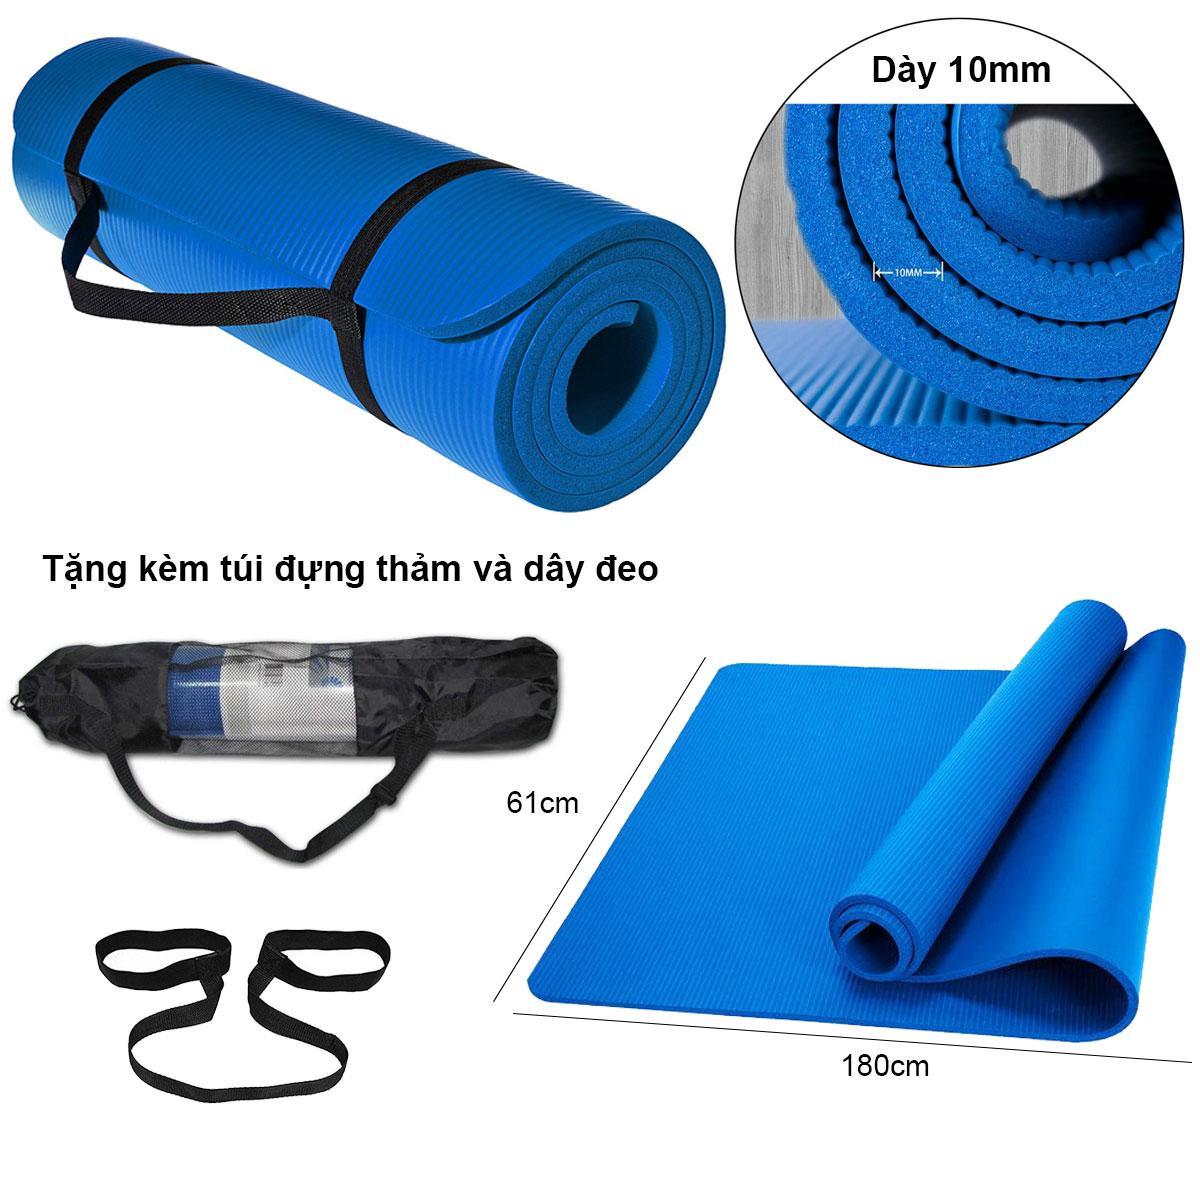 Thảm Tập Yoga Loại Siêu Bền, Dày 10mm TPE - Tặng Kèm Túi đựng Thảm Bất Ngờ Giảm Giá